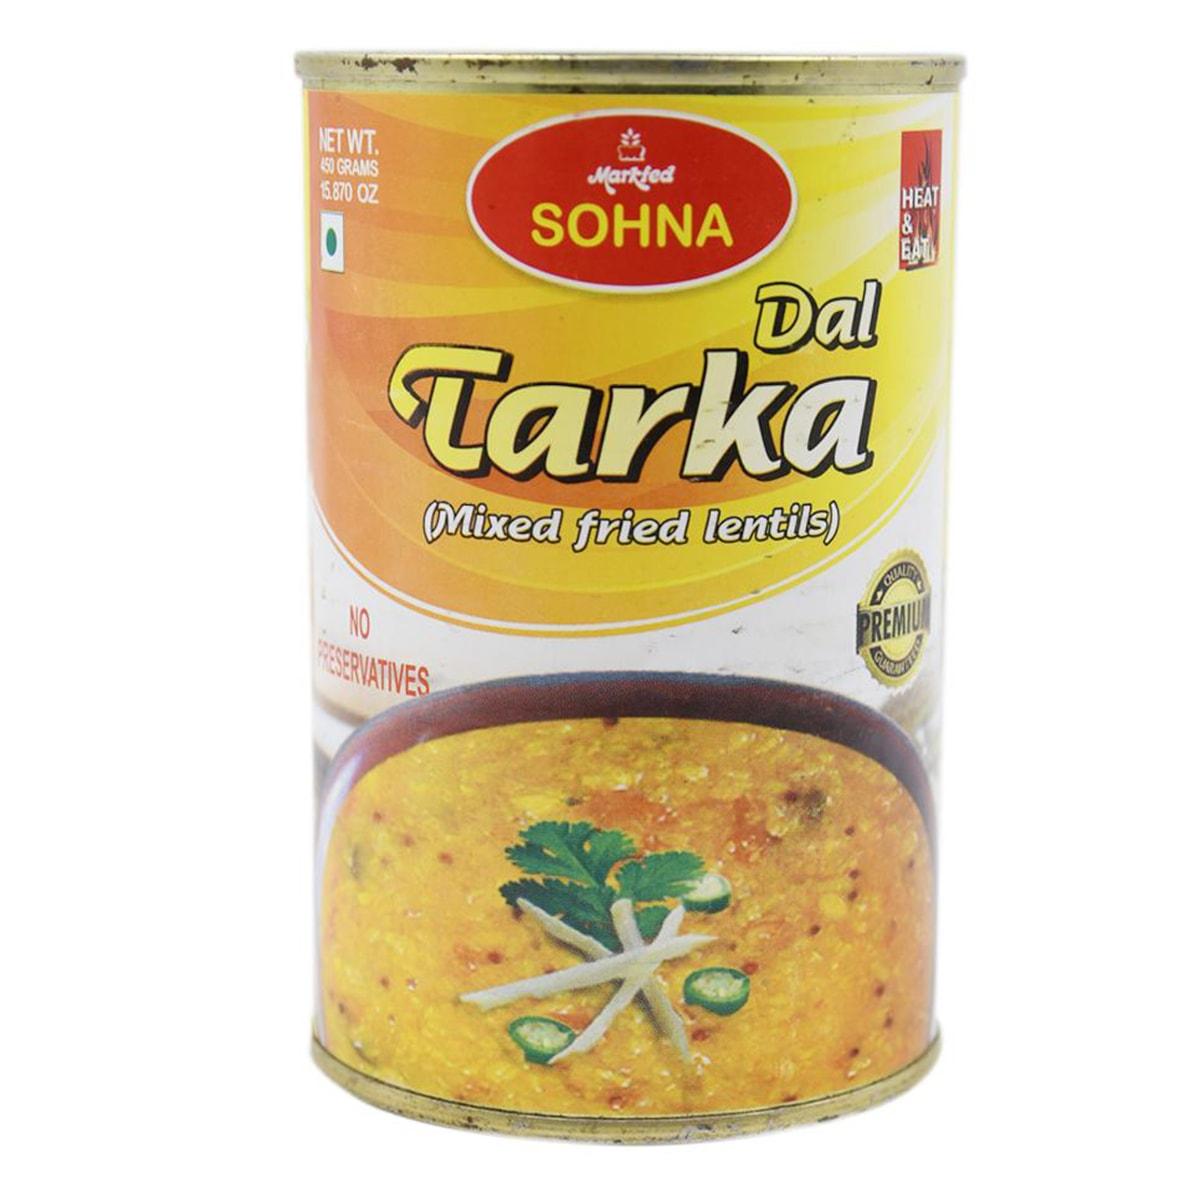 Buy Markfed Sohna Dal Tarka (Mixed Fried Lentils) - 450 gm